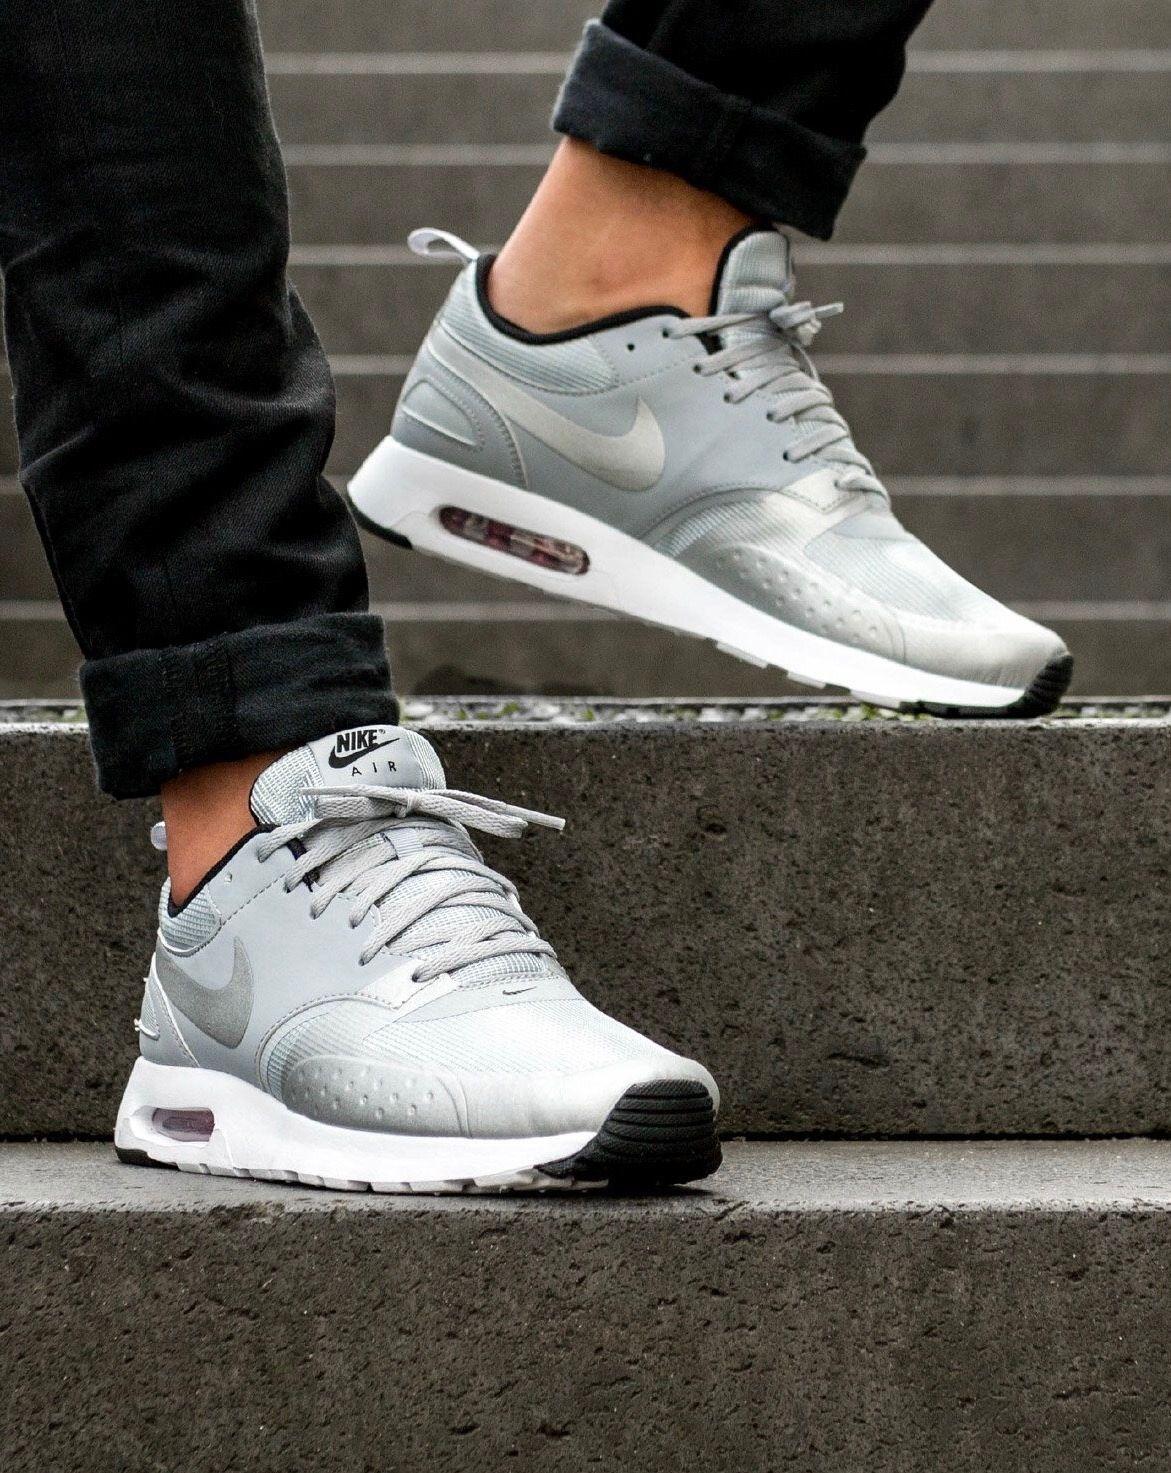 Nike Air Max Tavas: Silver Sneakers: Nike Air Max in 2019  Sneakers: Nike Air Max in 2019